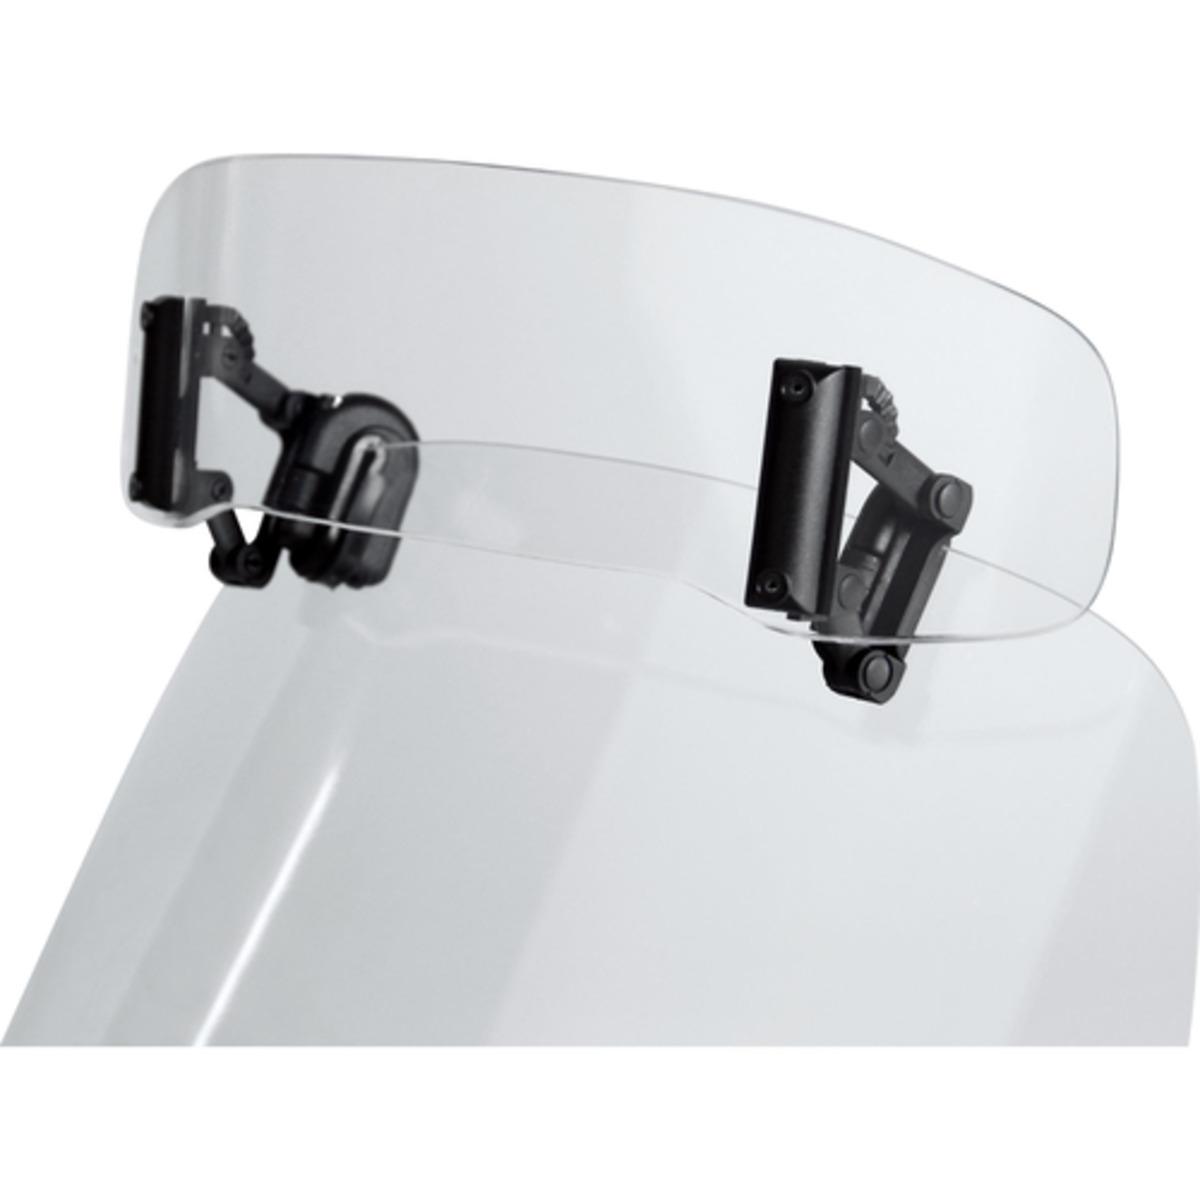 Bild 1 von MRA Aufsatzspoiler für Scheiben VSA-C 310x80mm klar farblos